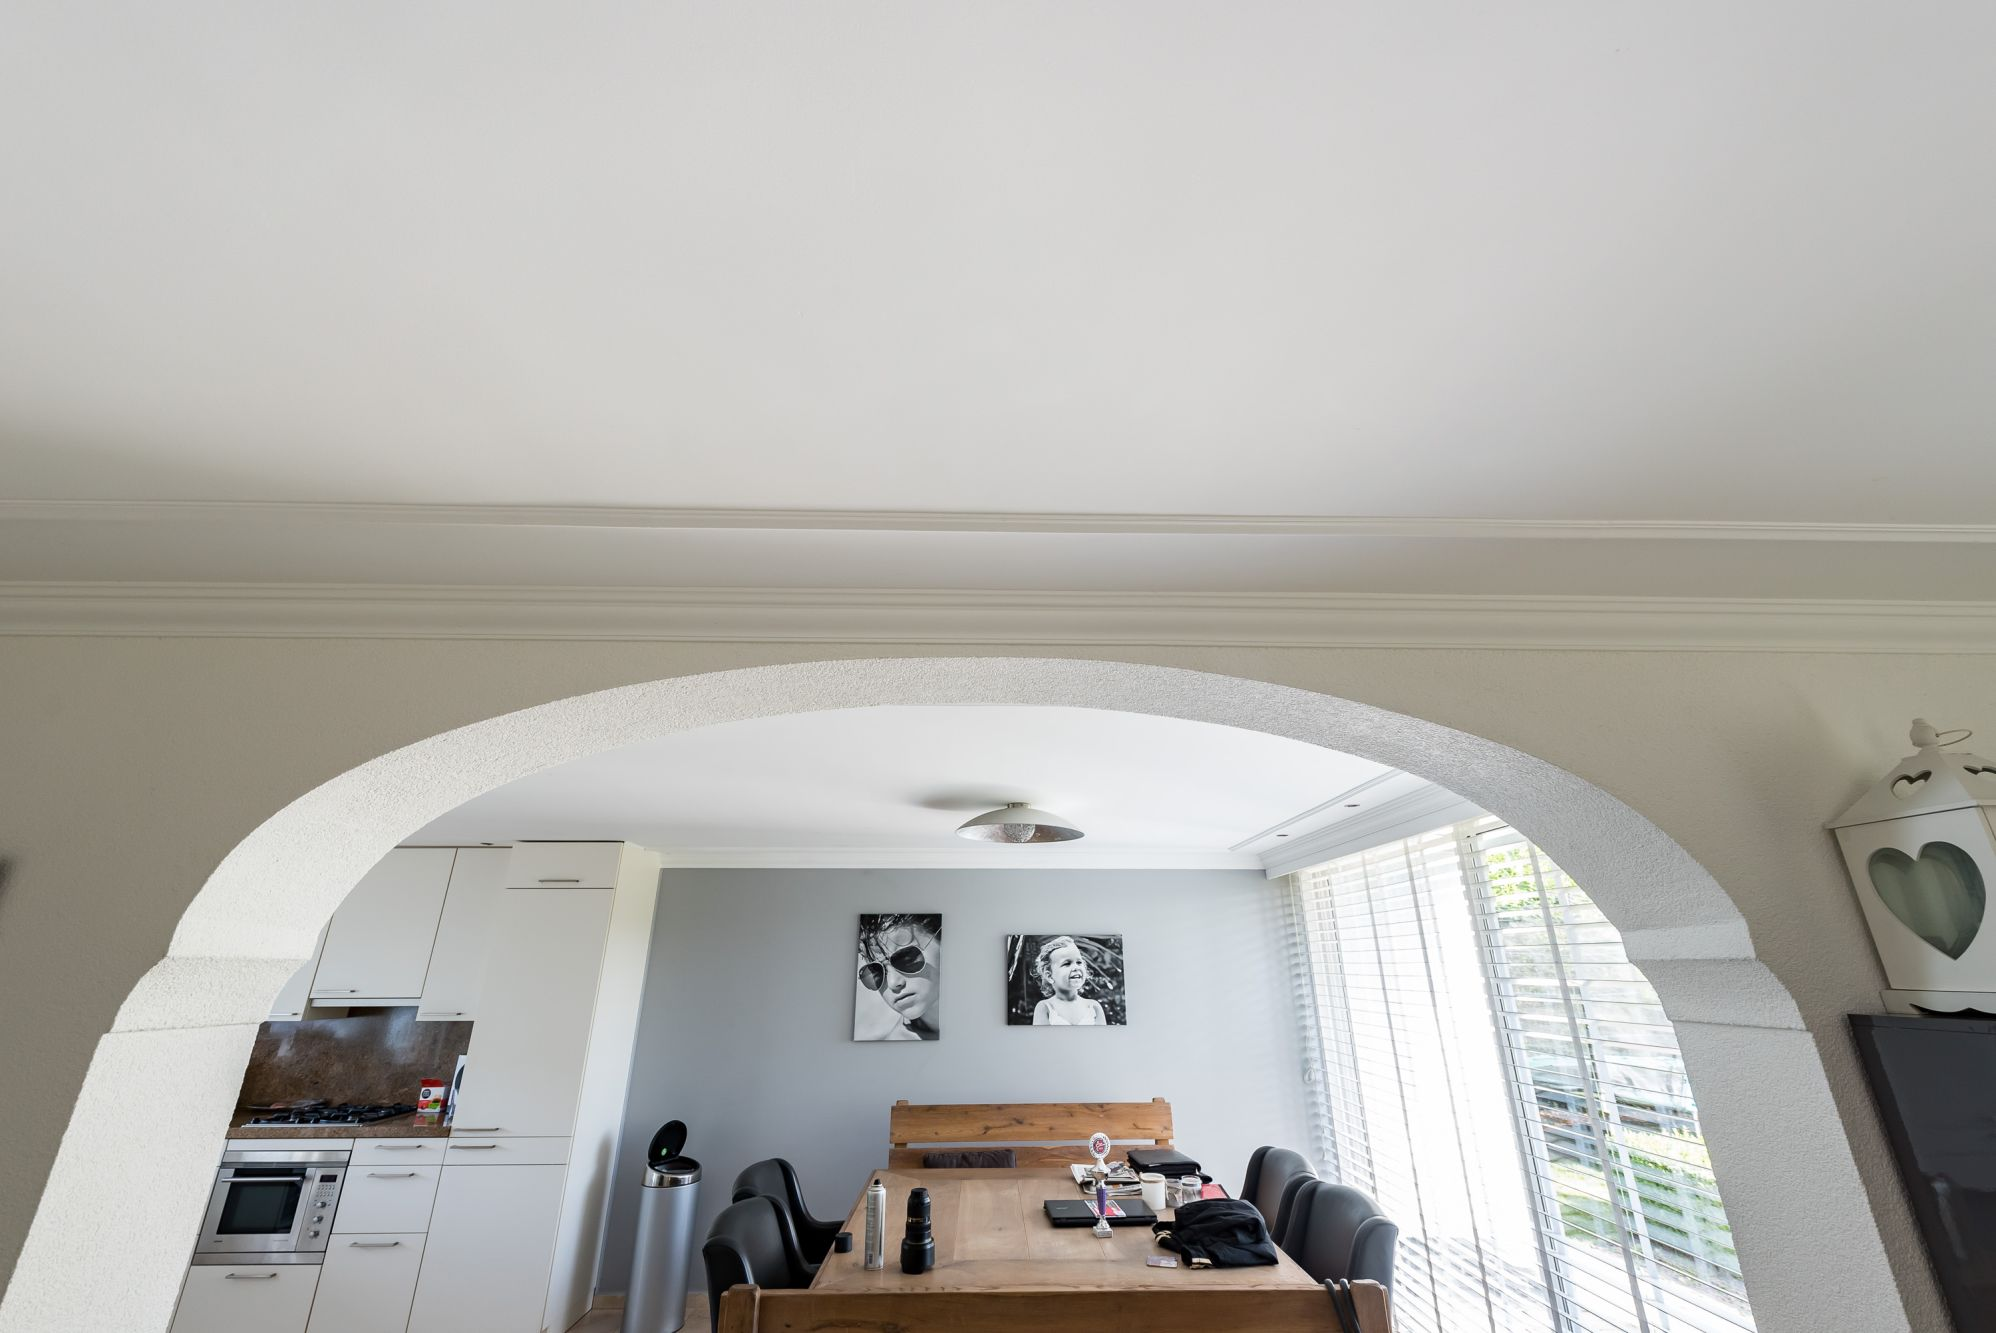 plafond glad stucwerk met lijstwerk en wand spachtelputz op kleur